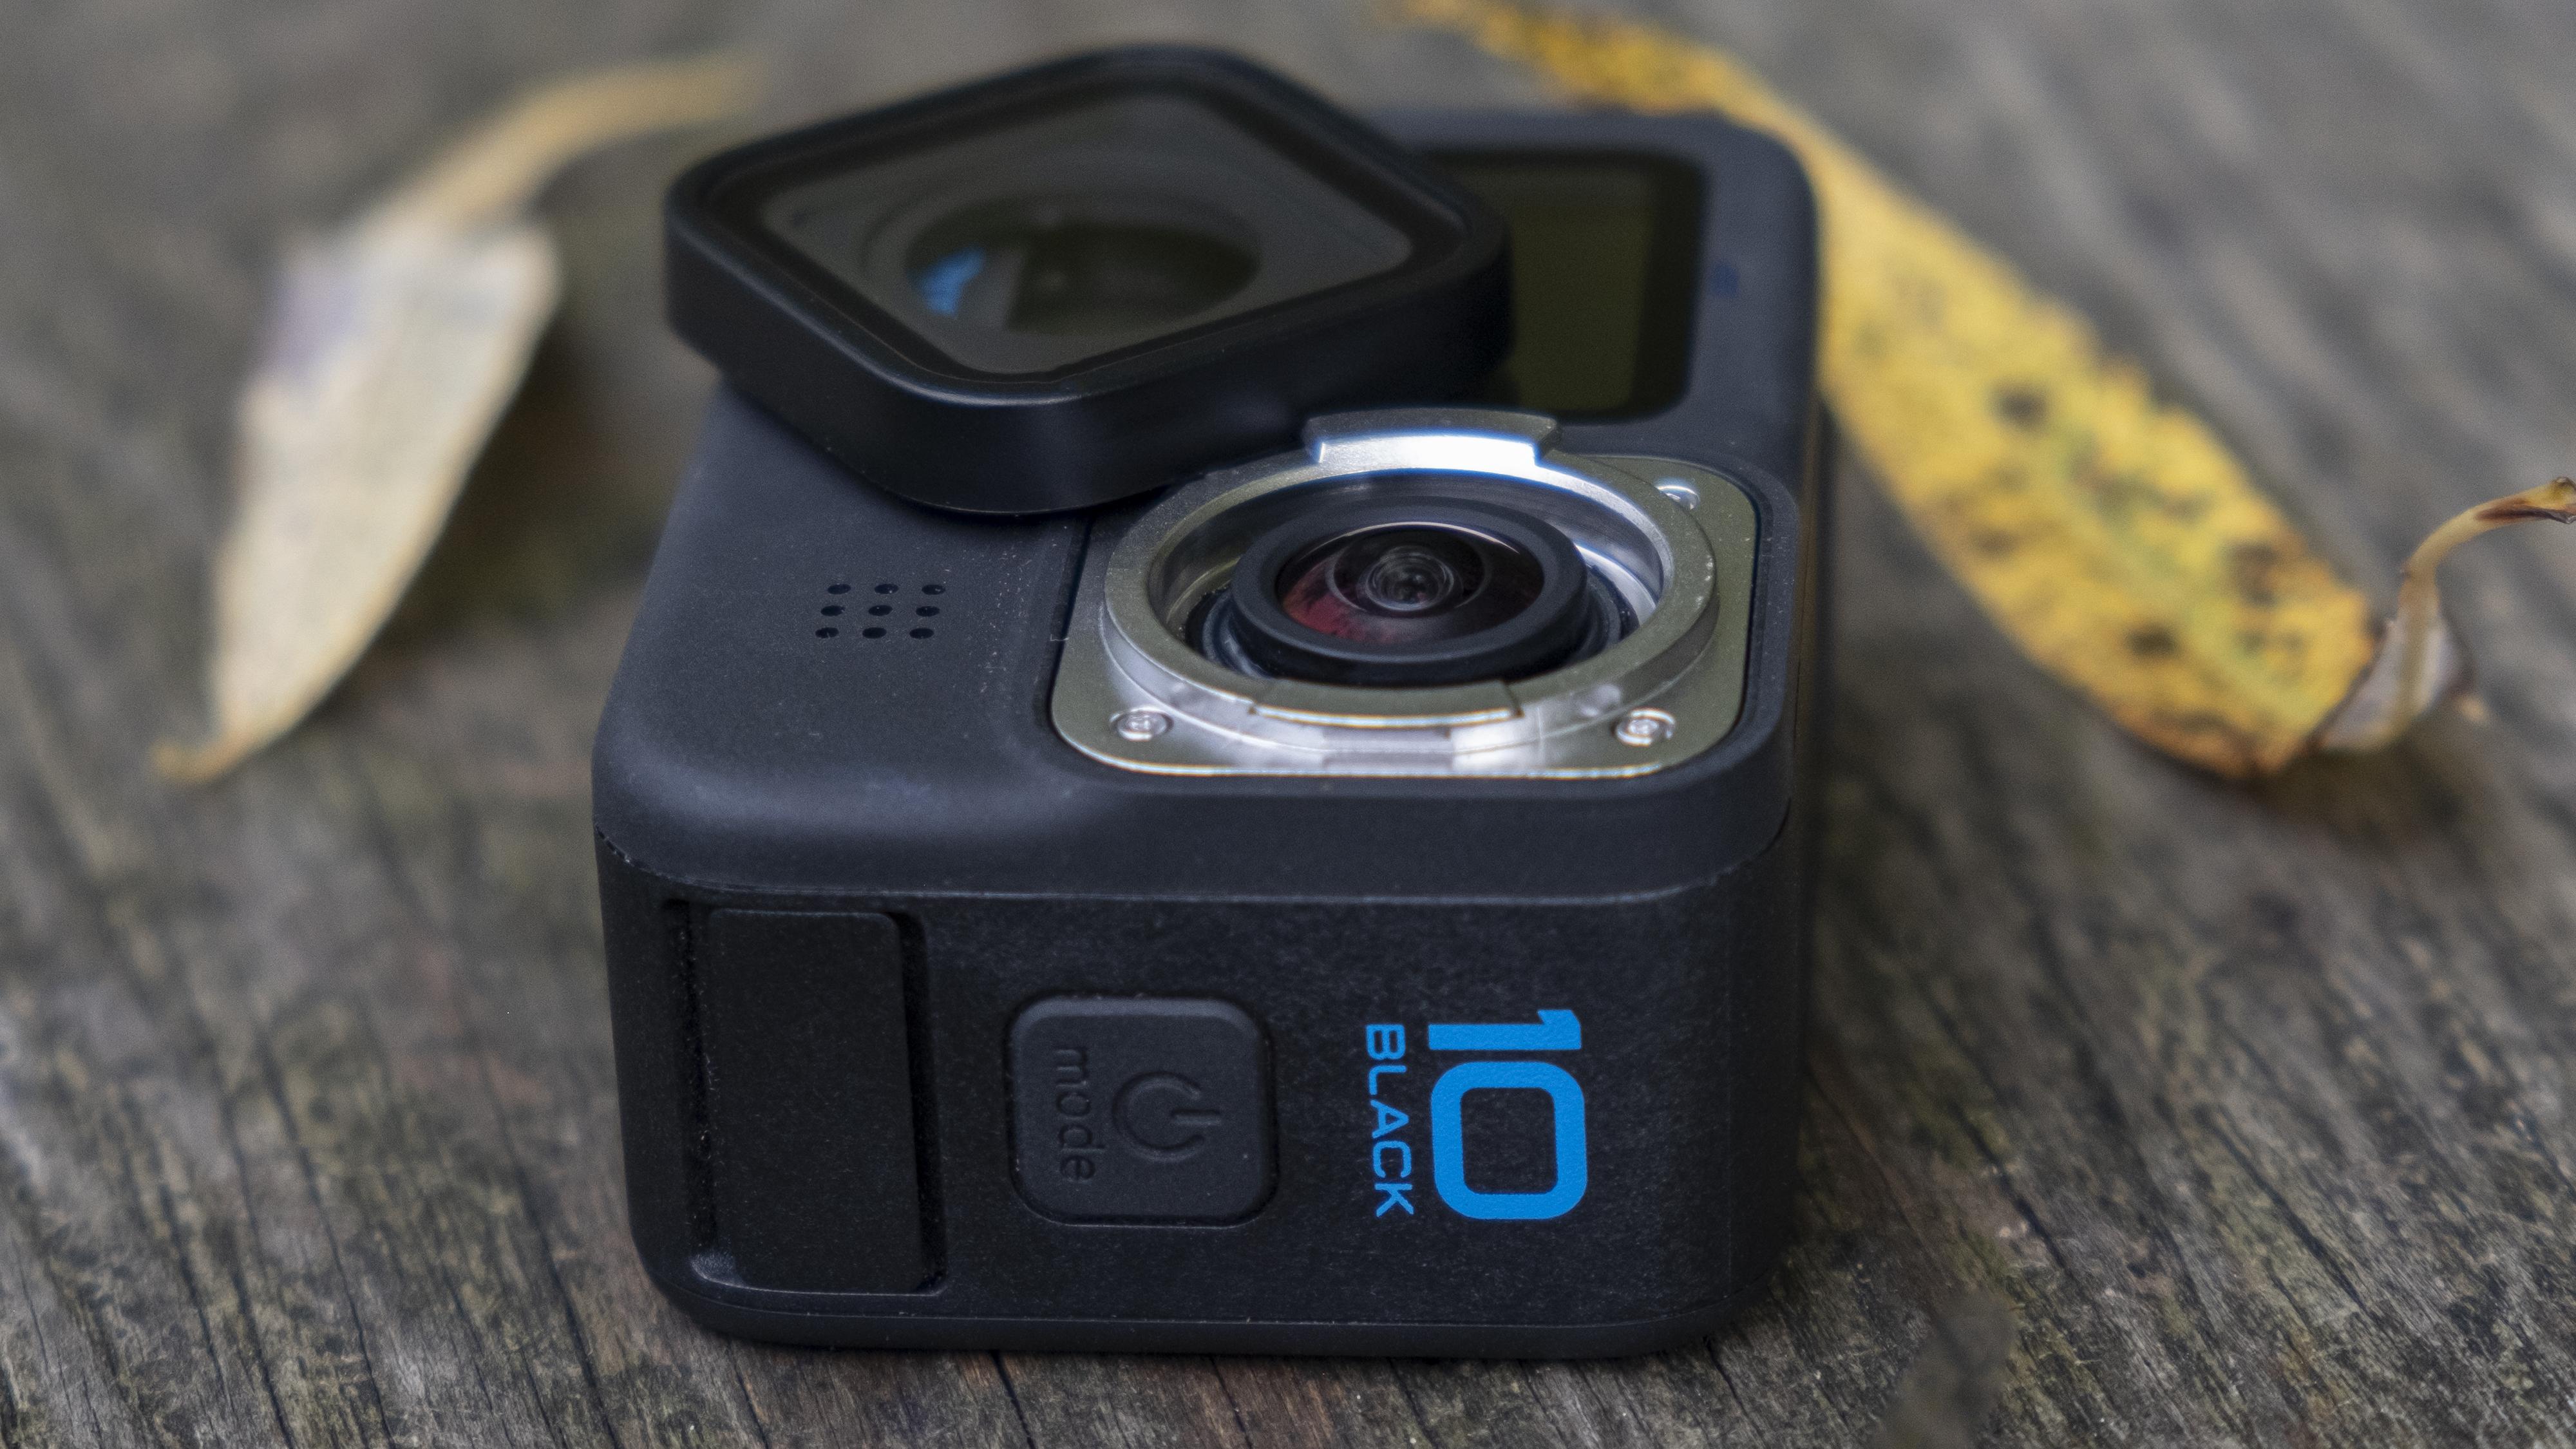 La cámara de acción GoPro Hero 10 Black apoyada en un banco de madera